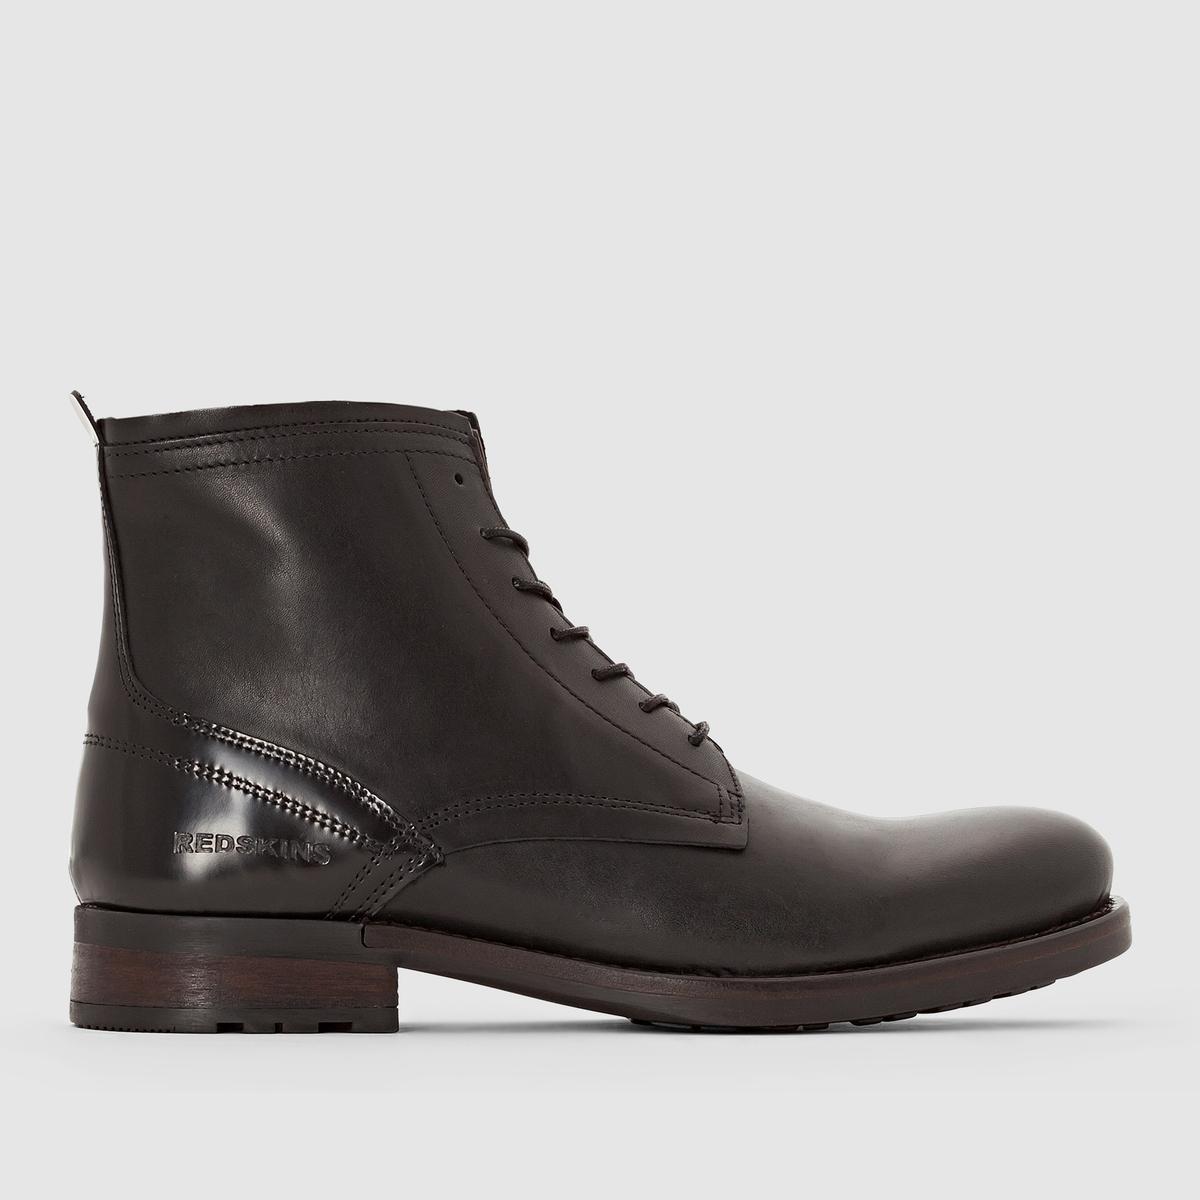 Ботильоны DUBOURПодкладка : Кожа и текстиль  Стелька : Кожа   Подошва : каучук.   Форма каблука : Плоский каблук   Носок : Закругленный.    Застежка : шнуровка.<br><br>Цвет: черный